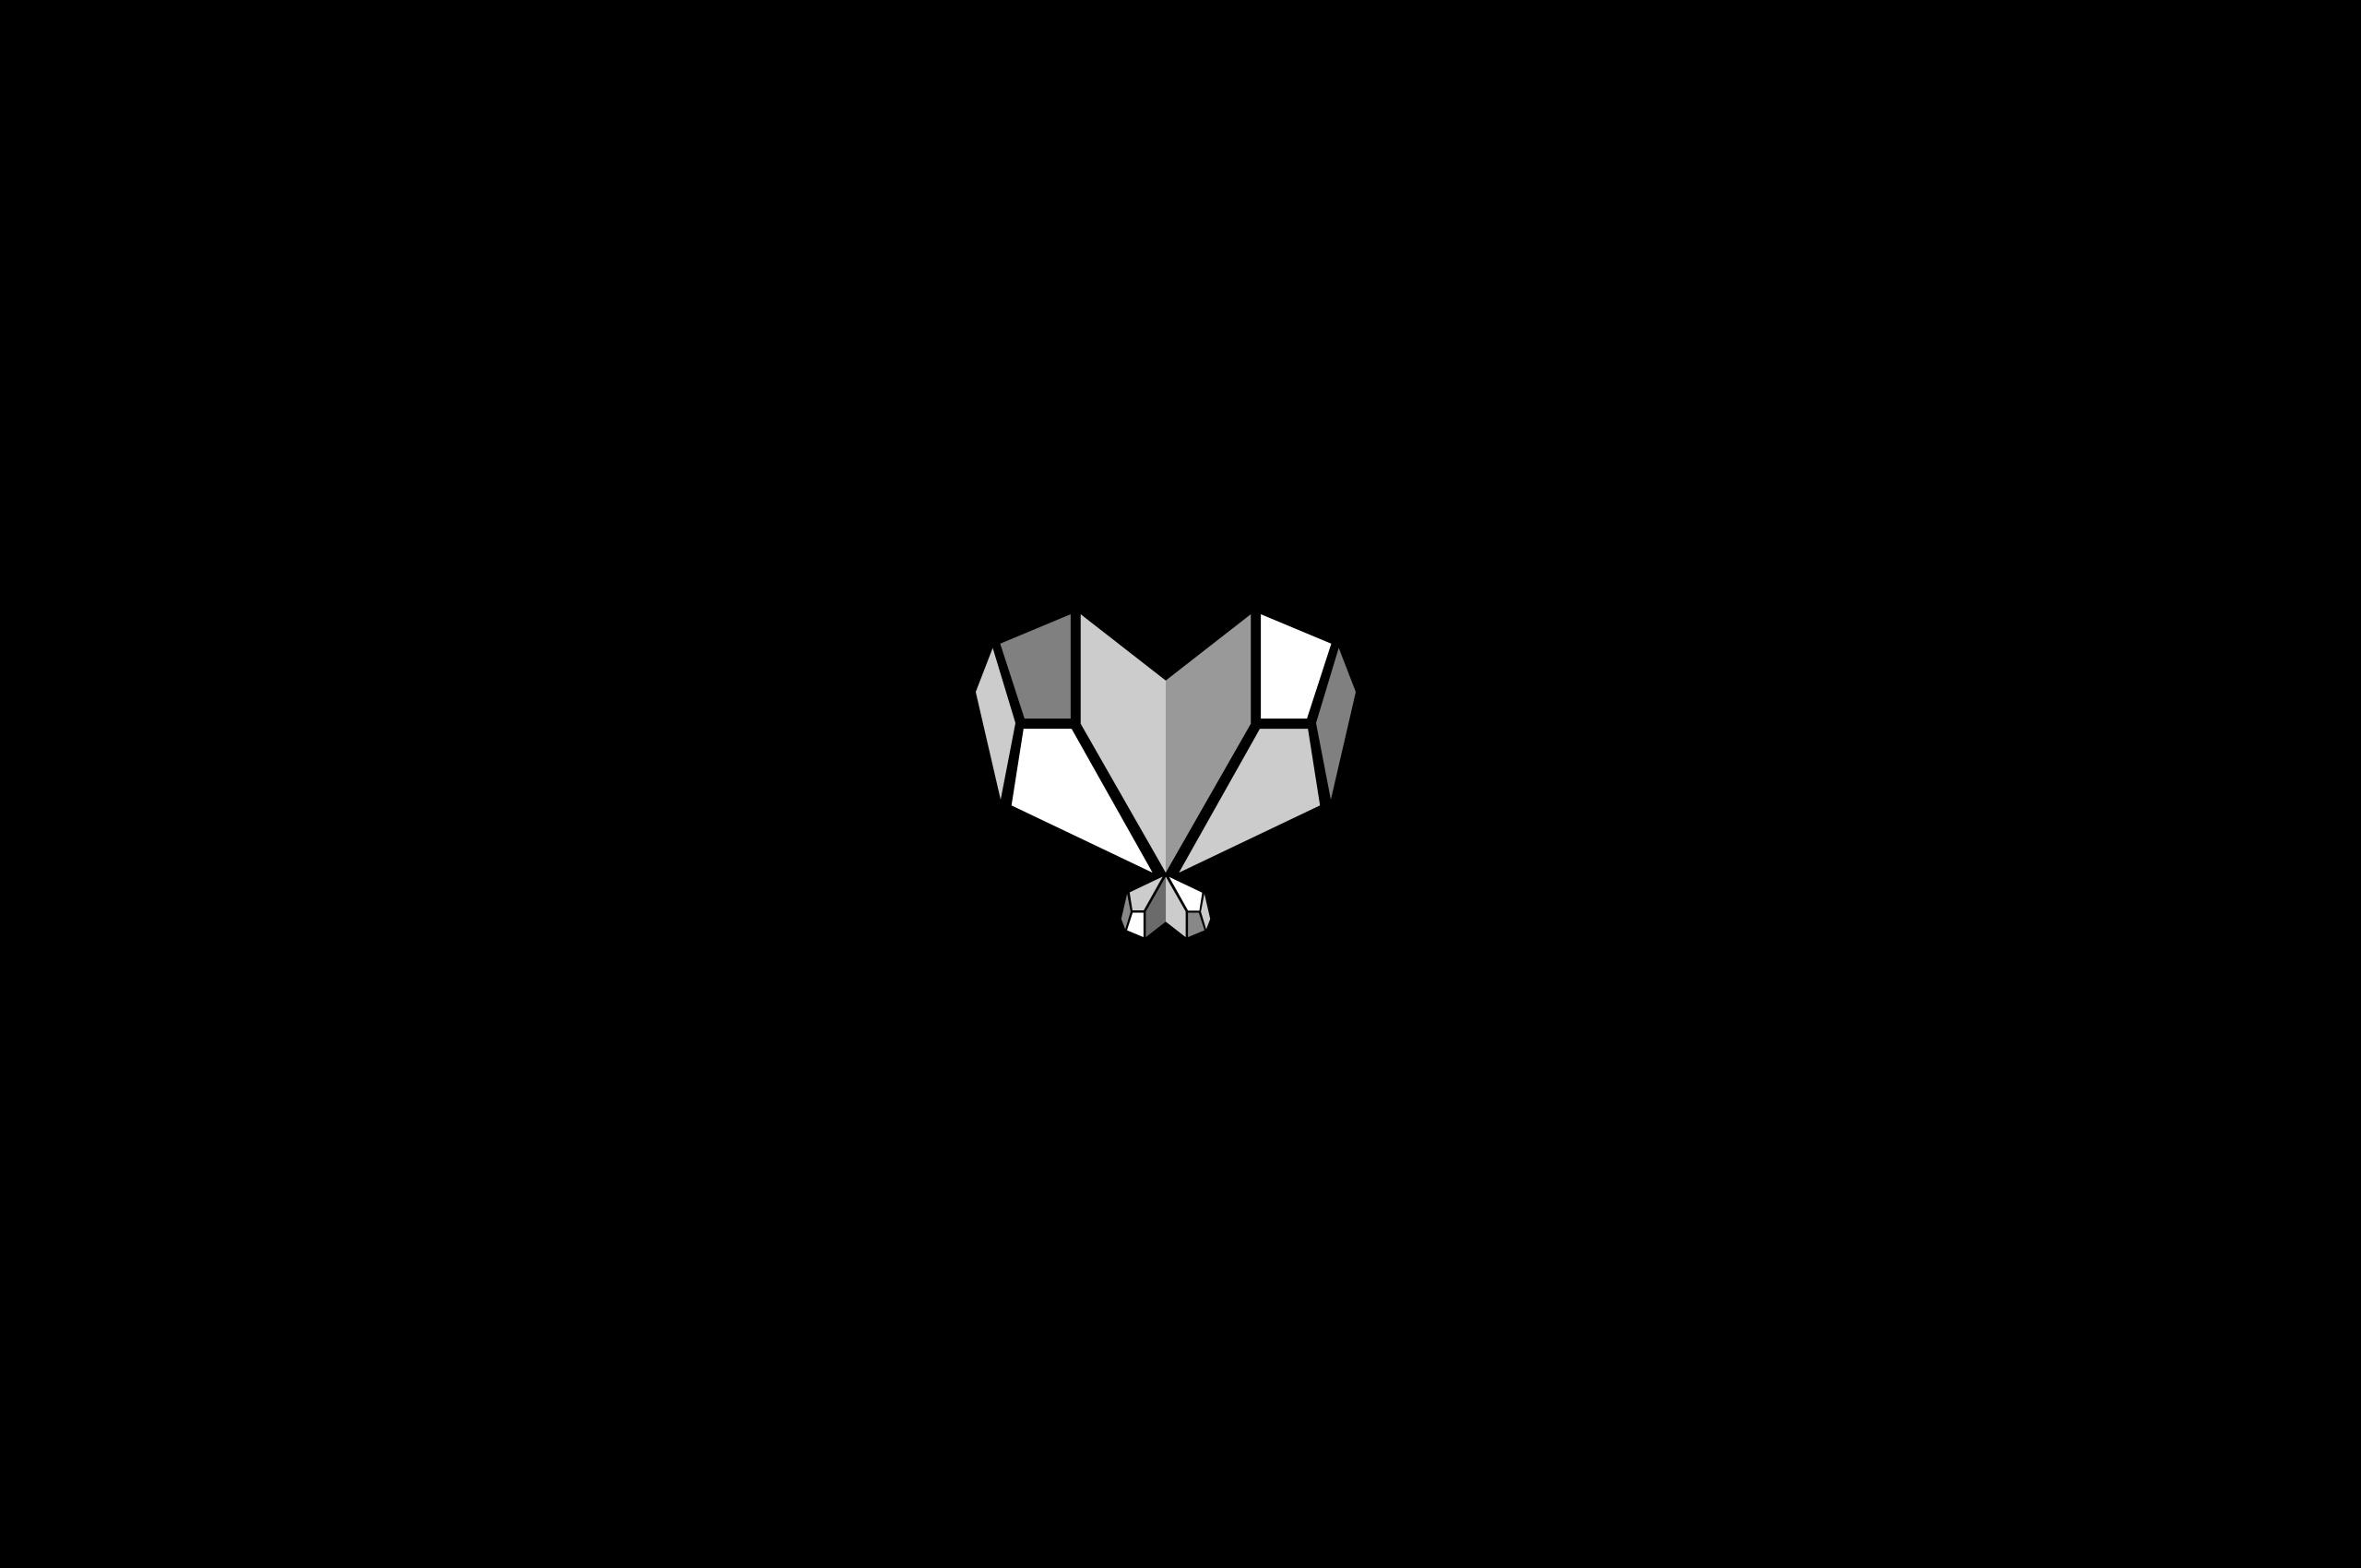 logocollection-2021-5